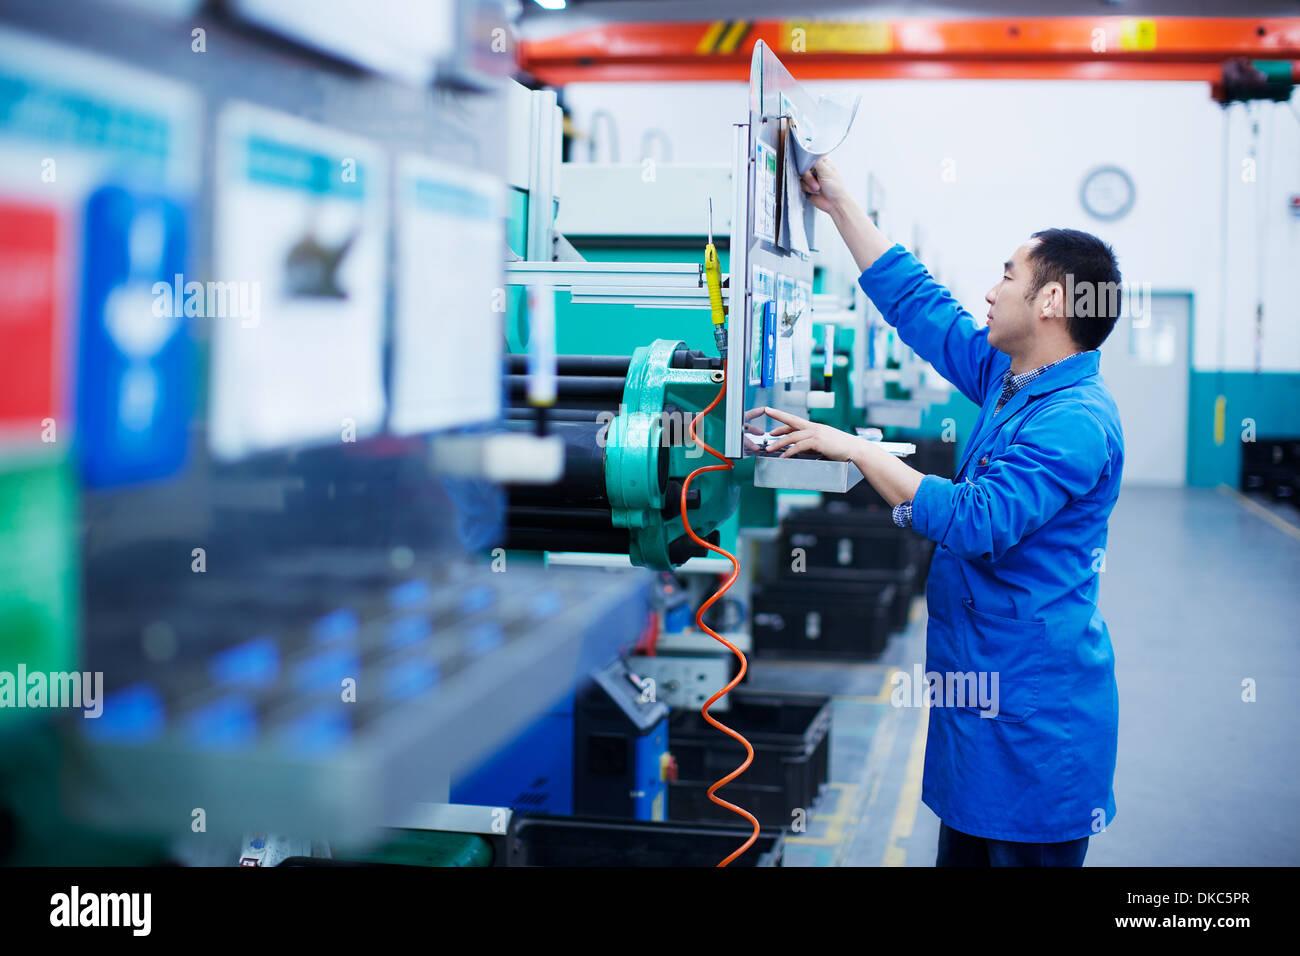 Worker bei kleinen Teilefertigung Fabrik in China, bis zu drücken Sie die Taste am Bedienfeld Stockbild